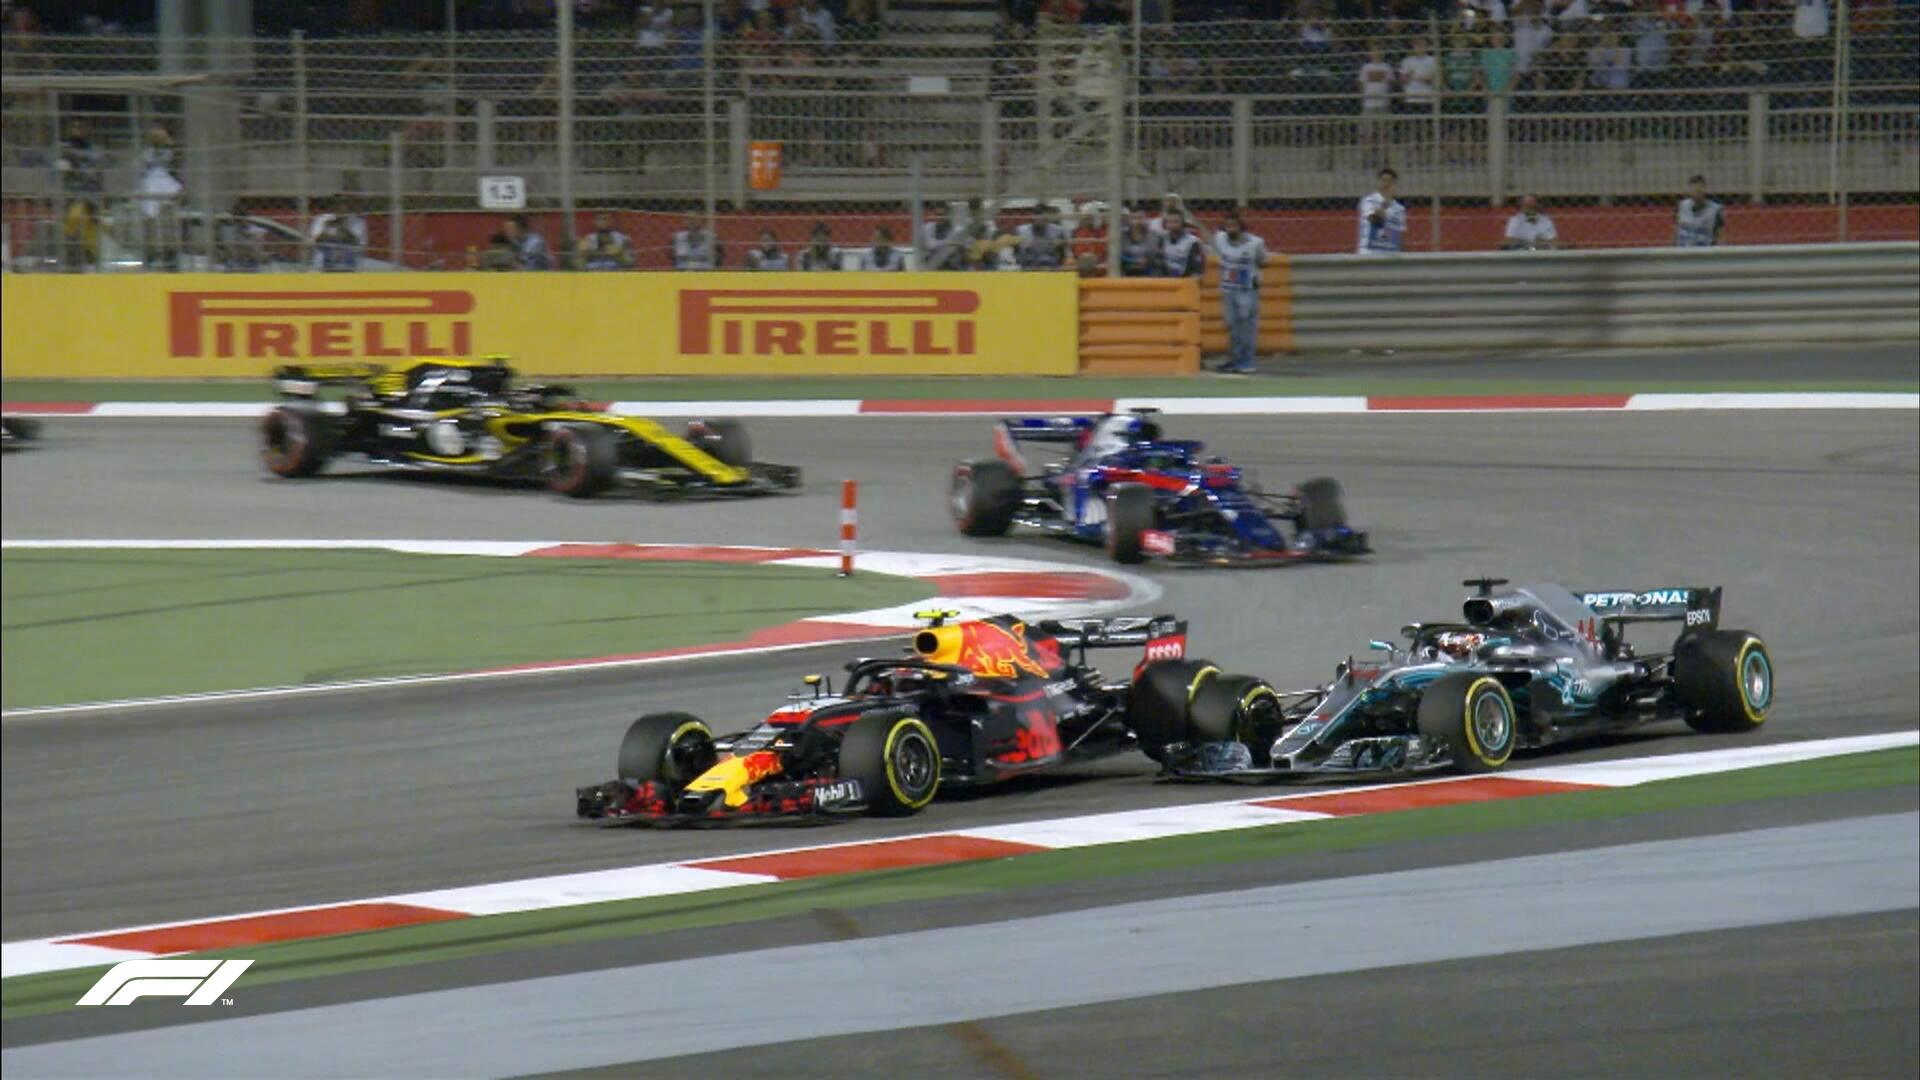 Hamilton Verstappen Accident.jpg